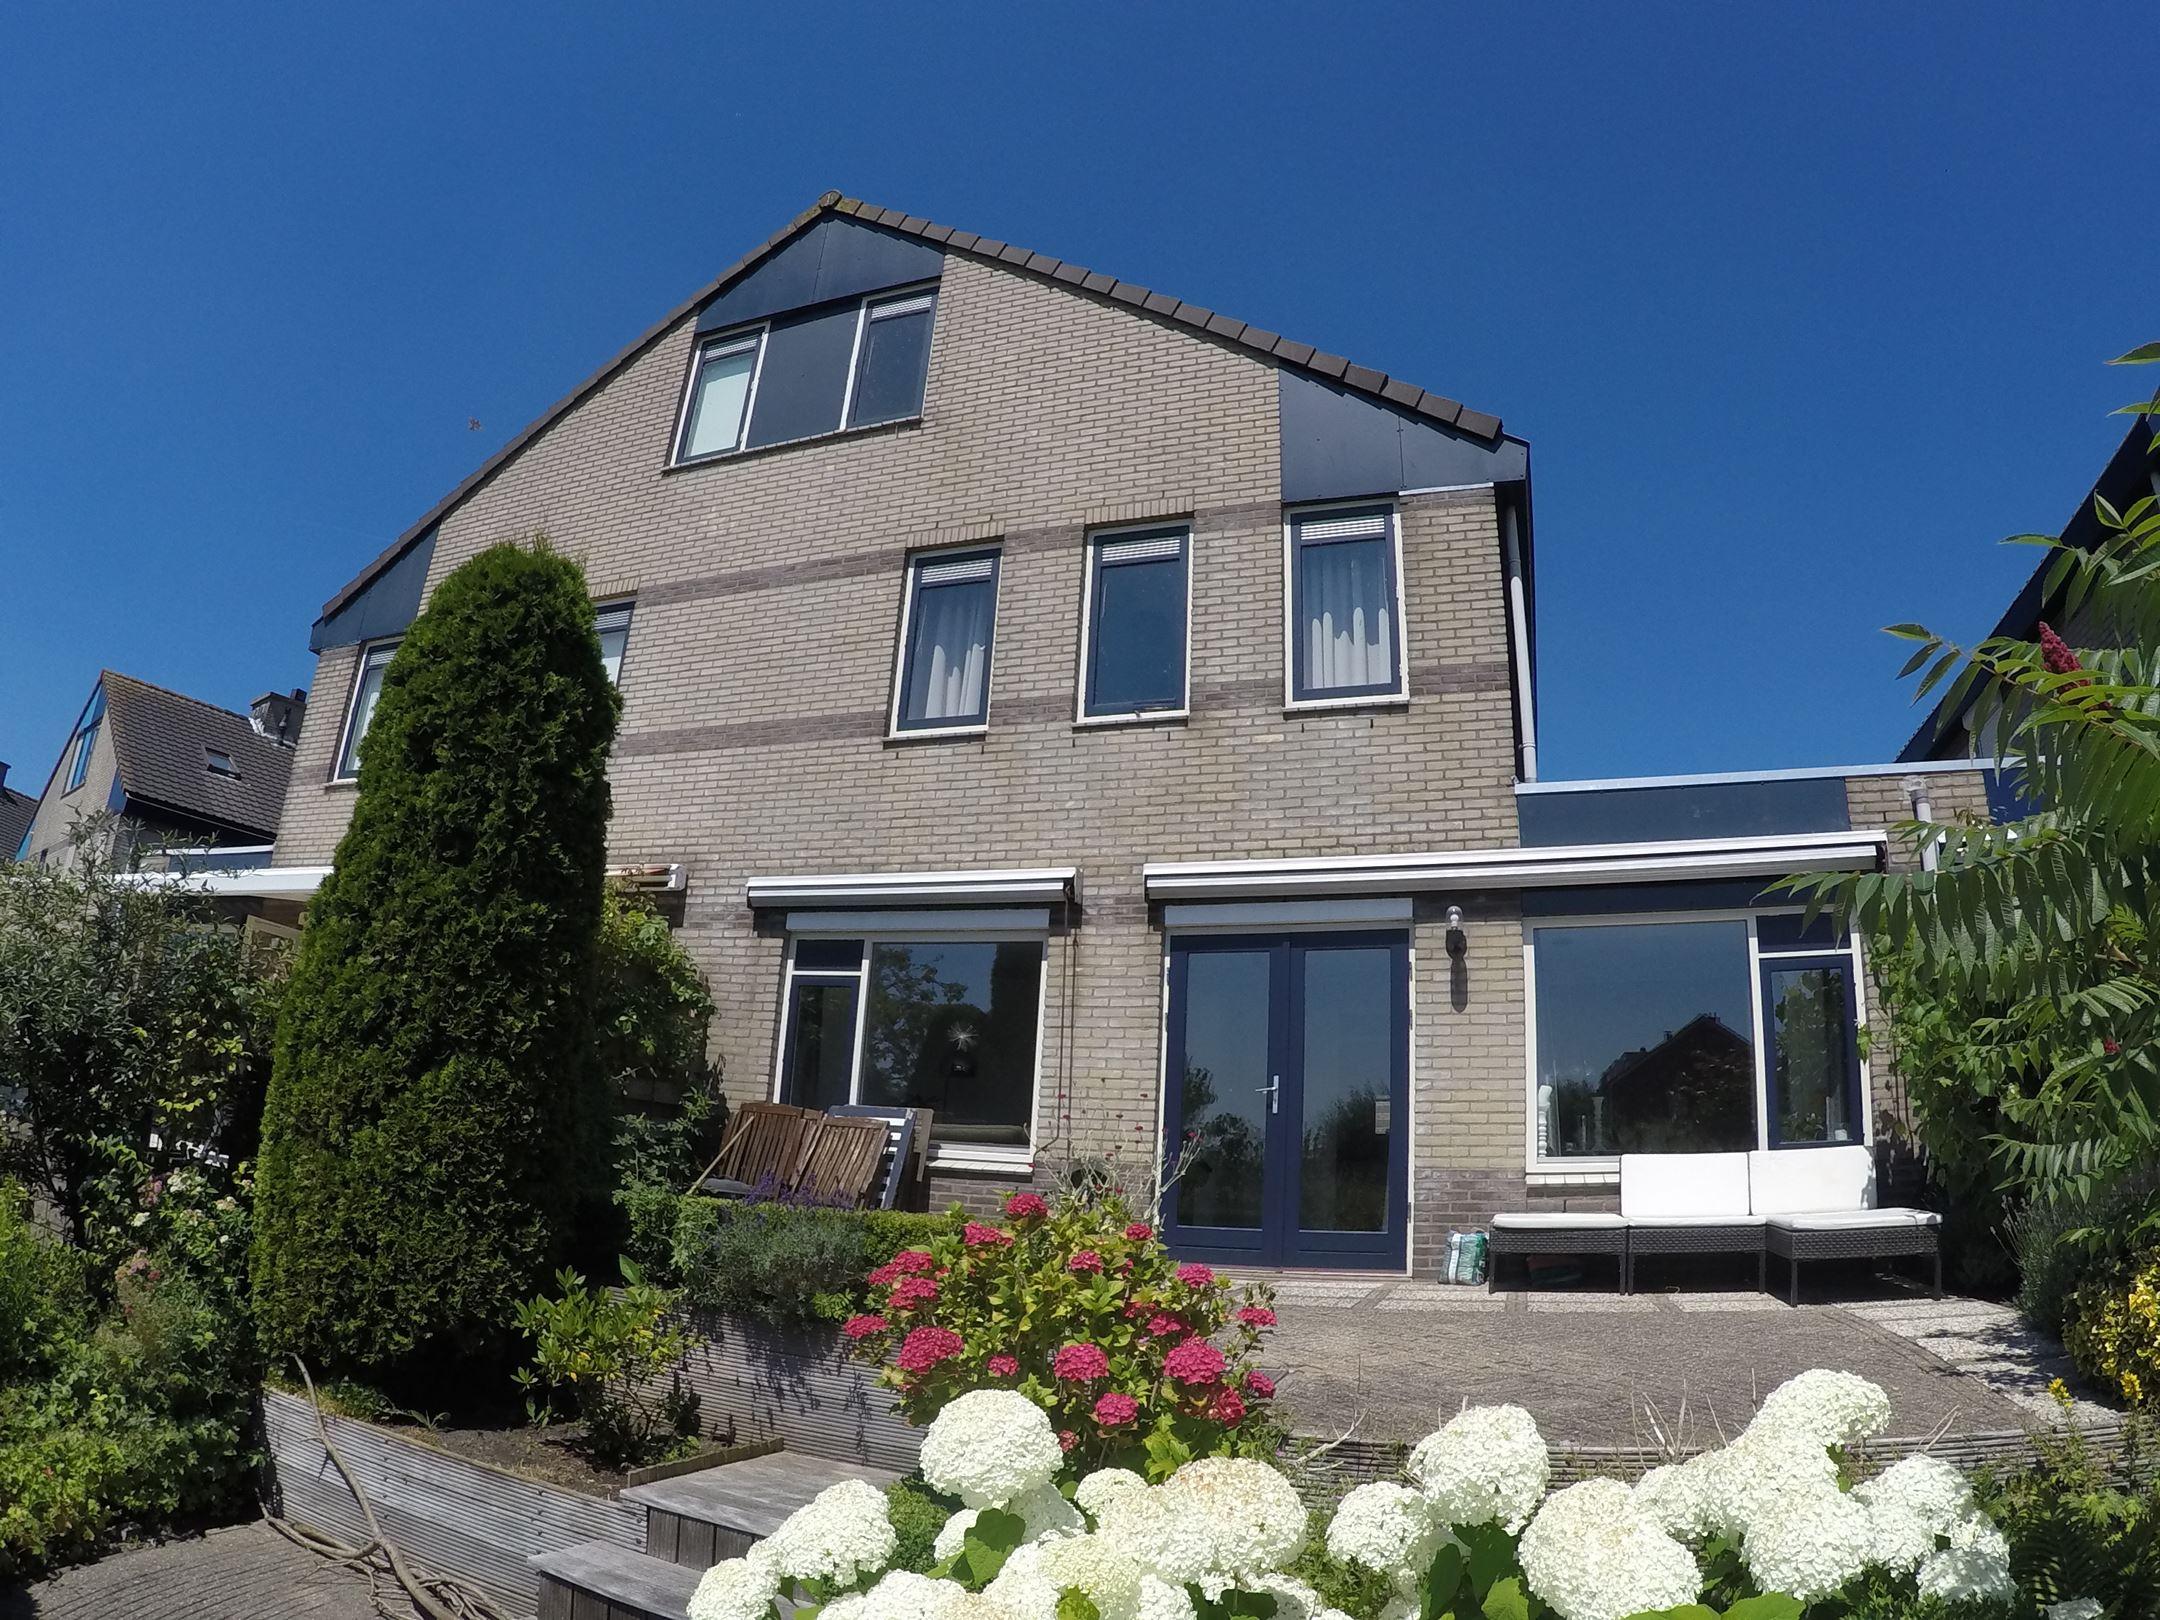 Huis te koop: goudenregenzoom 108 2719 hd zoetermeer [funda]